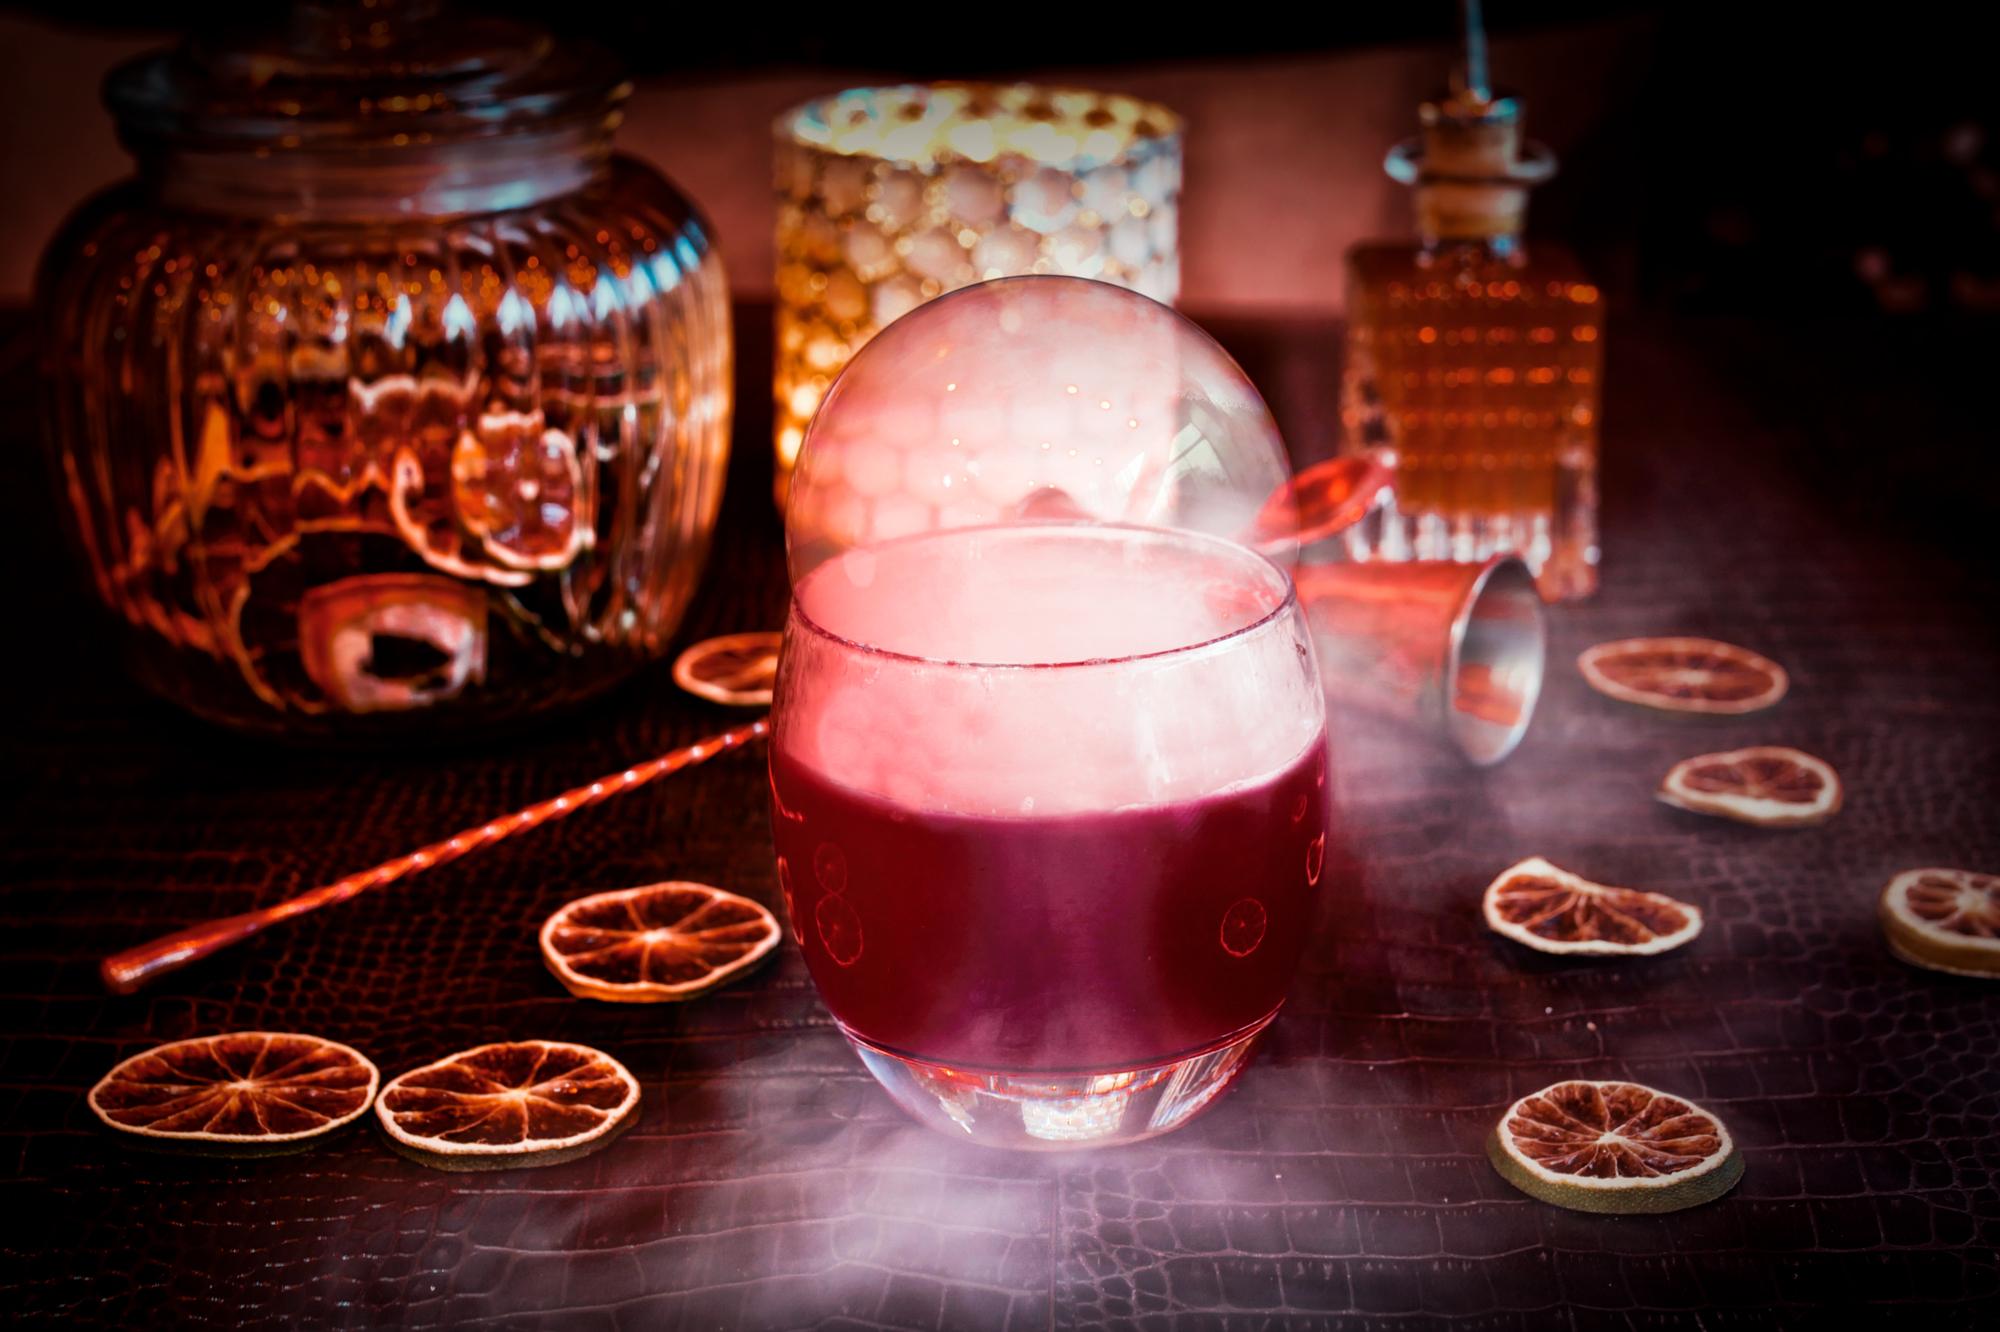 copper bar restaurant room frankfurt alte oper events food drinks lounge